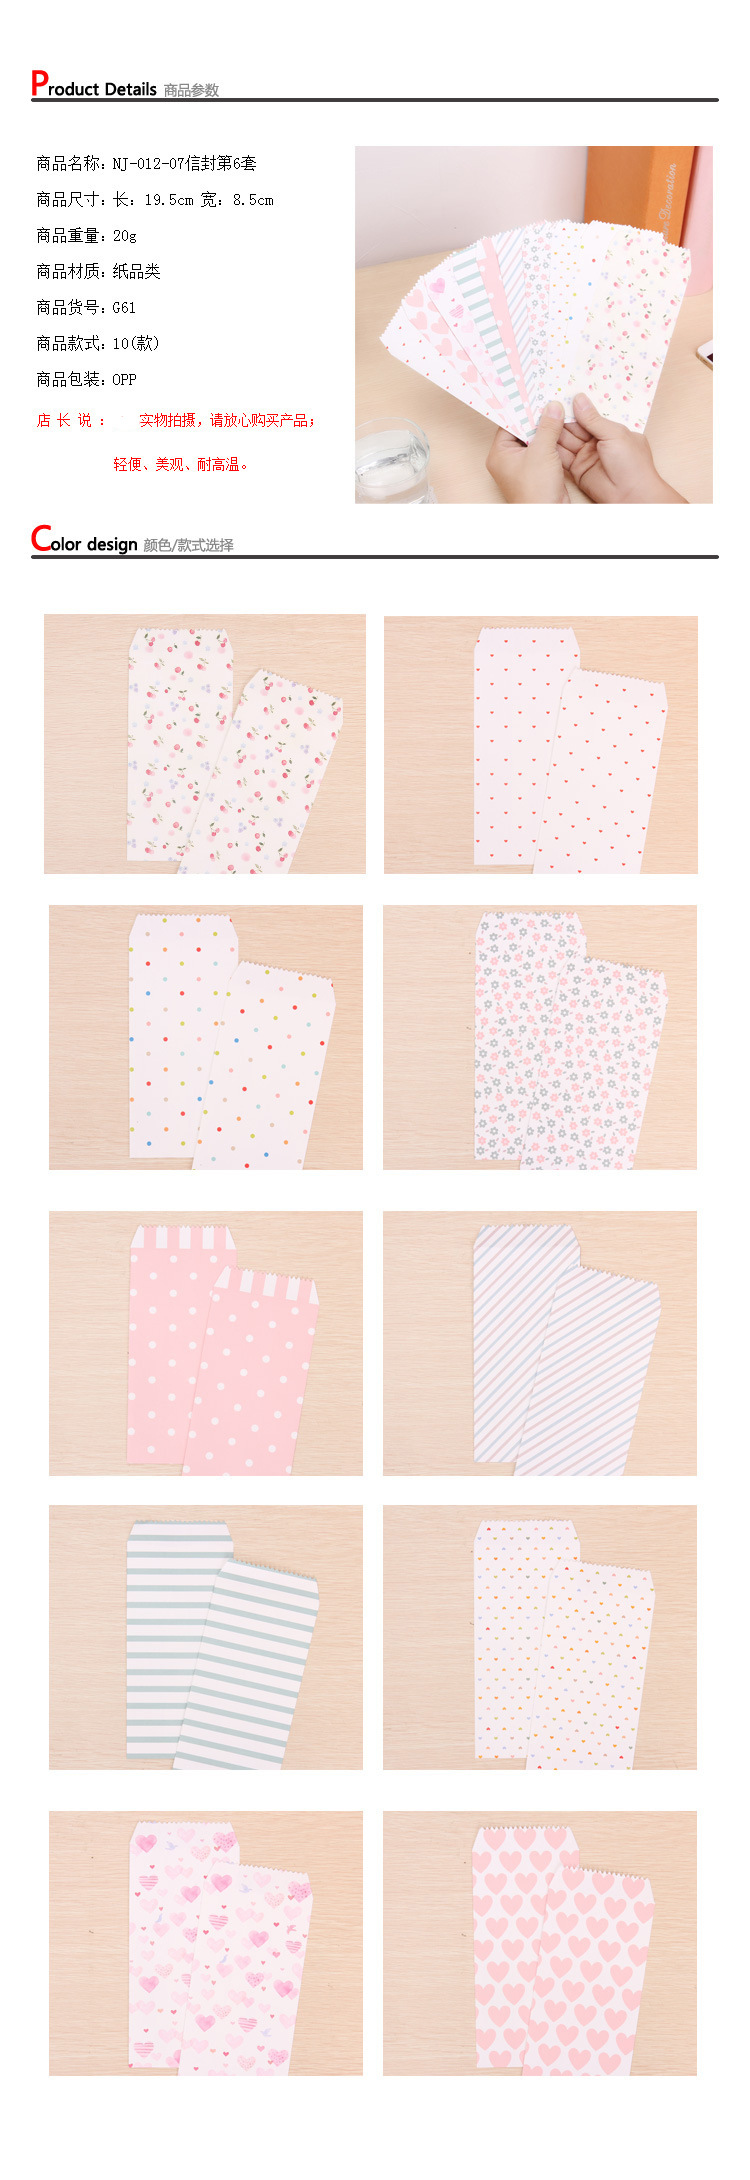 10 шт. g61 корейский канцтовары оптом романтический конверт с рисунком может быть необходимо конверт производство